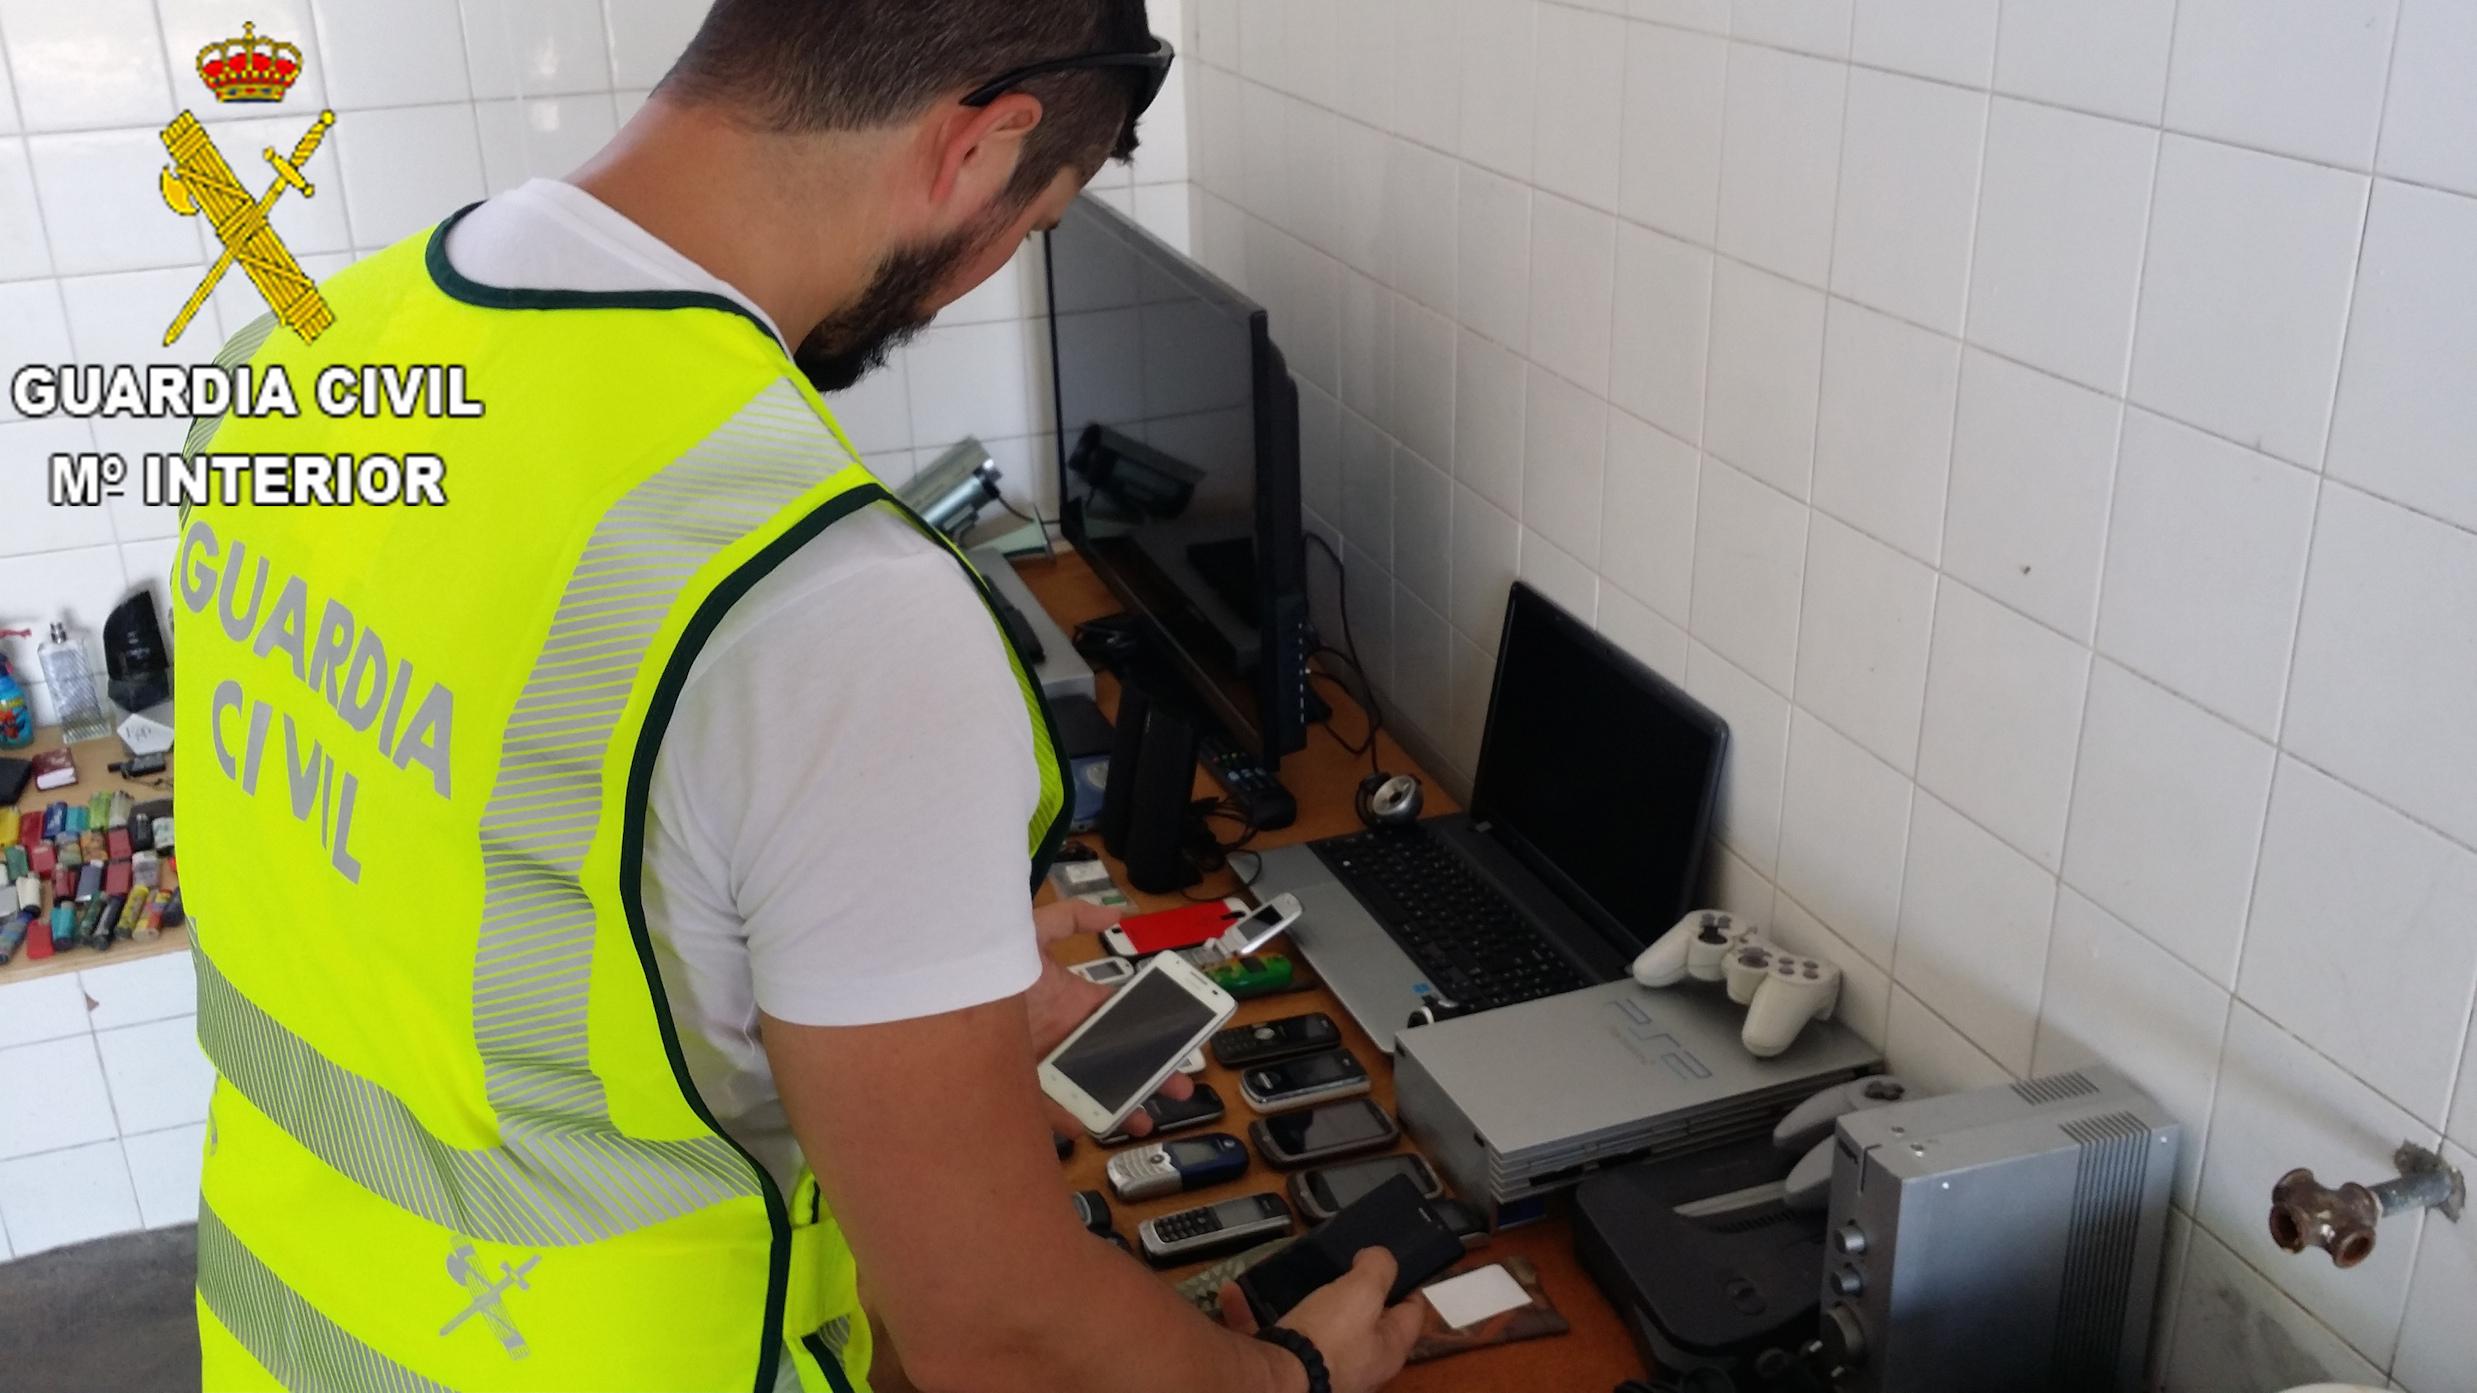 Algunas de las pertenencias recuperadas por la Guardia Civil en Turís.